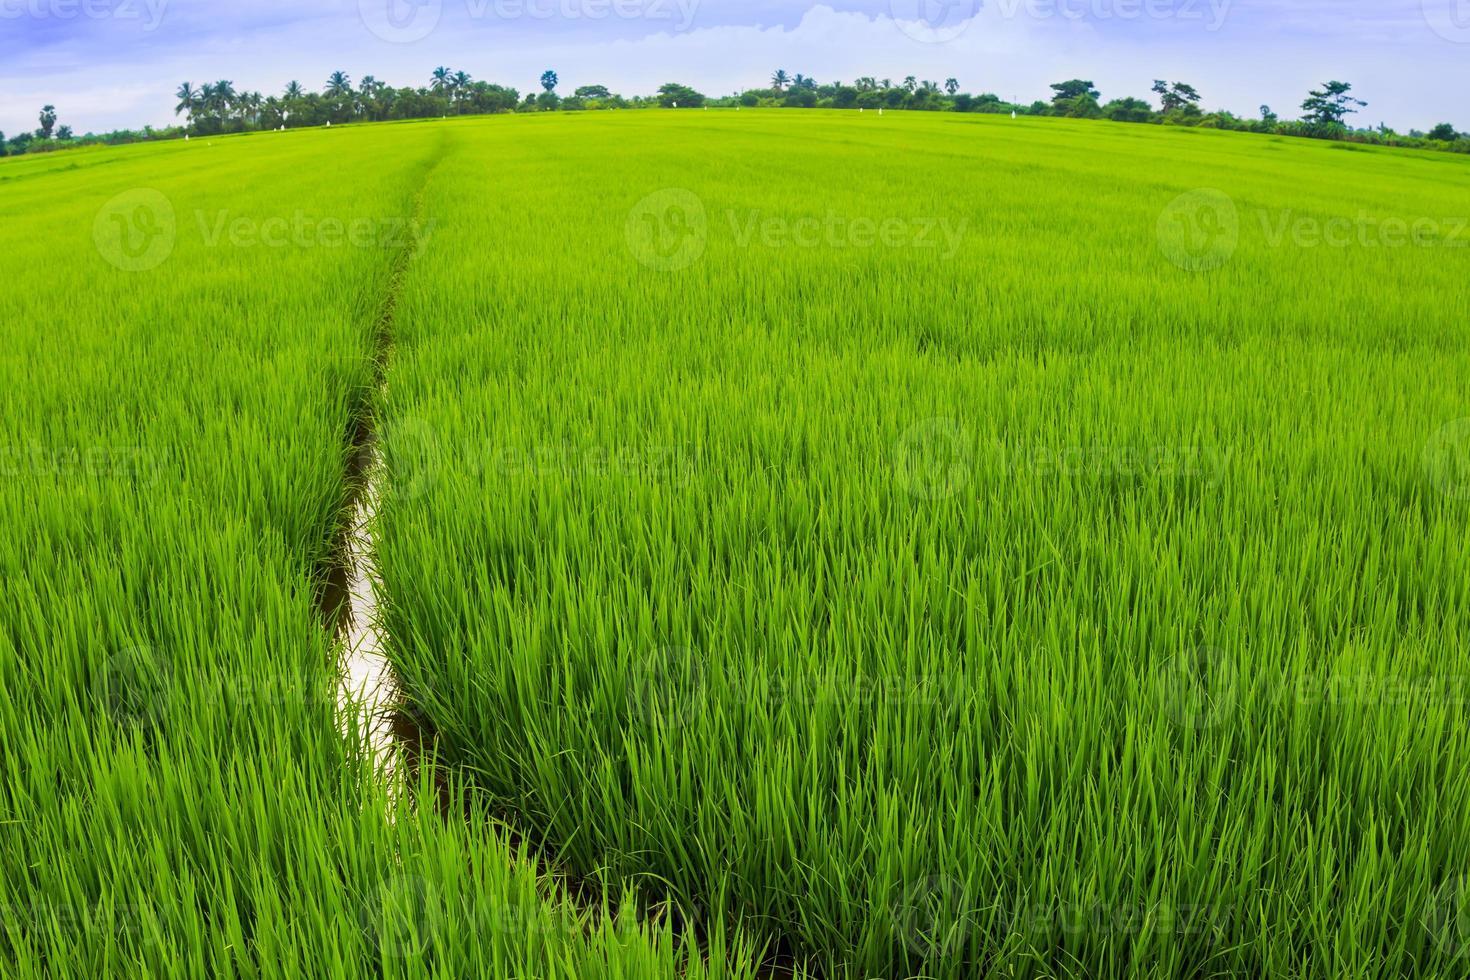 landschap van rijstveld i foto